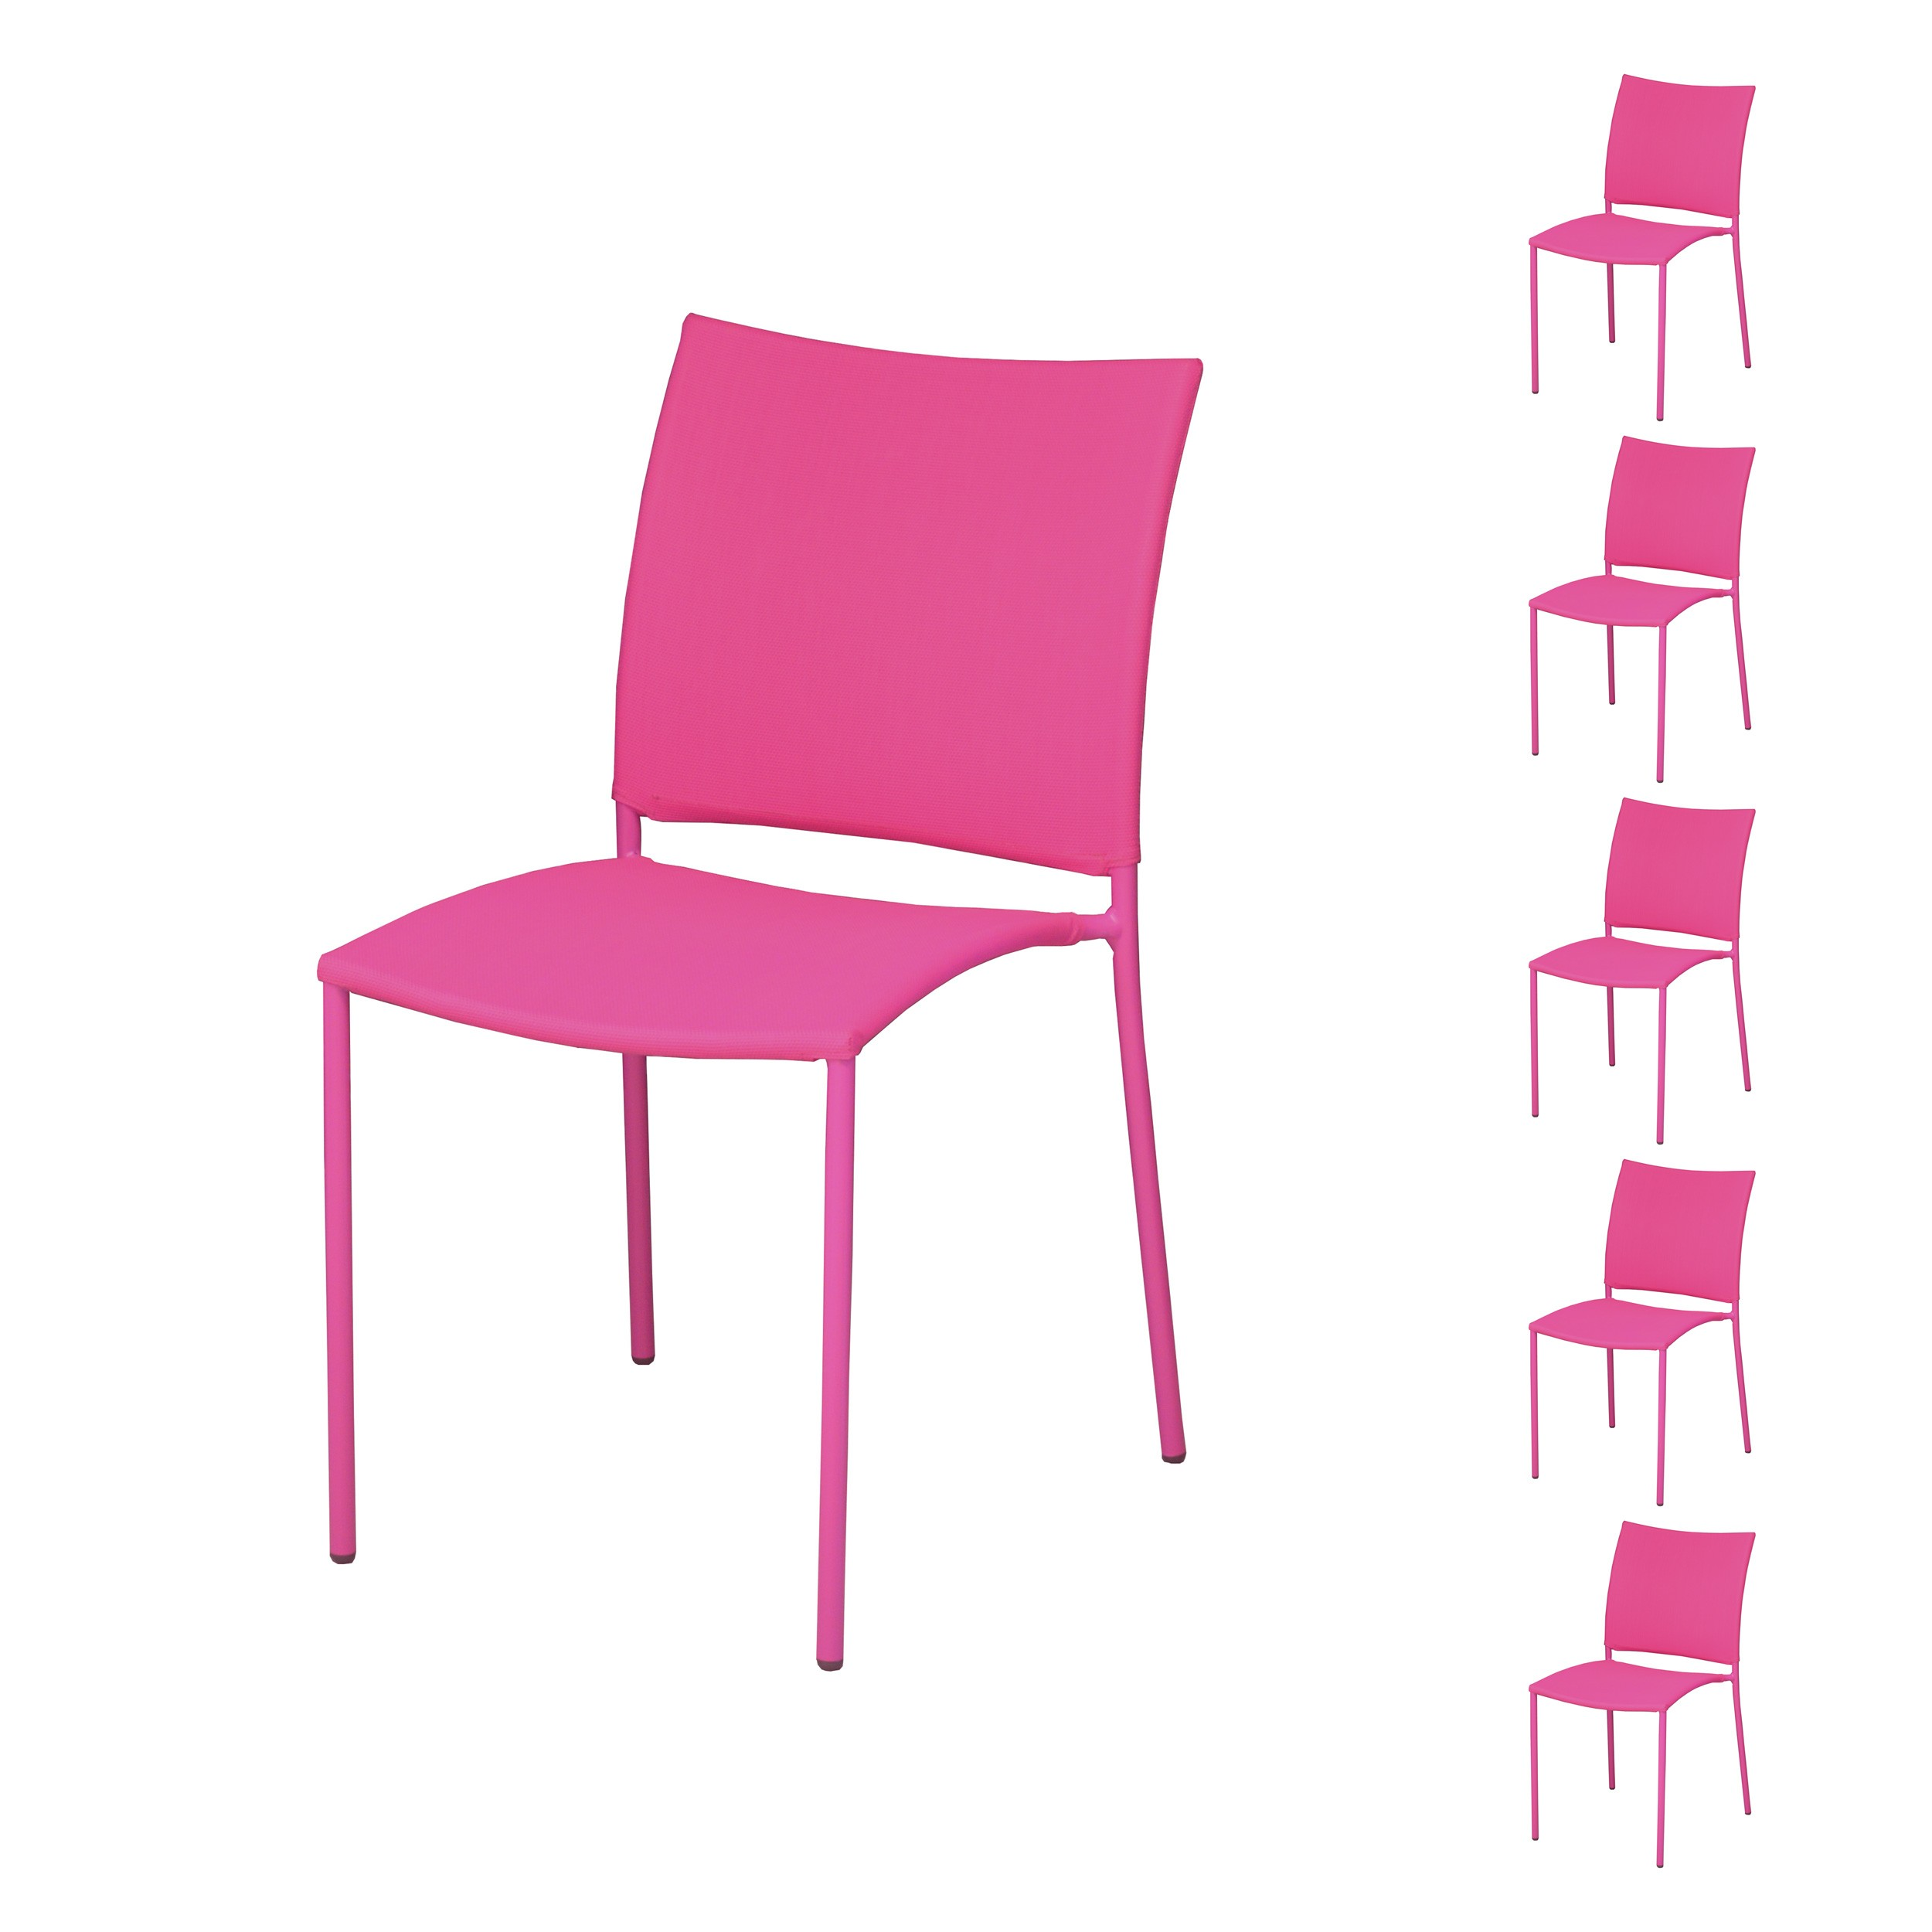 Chaise De Jardin Rio Cuarto Framboise Lot De 6